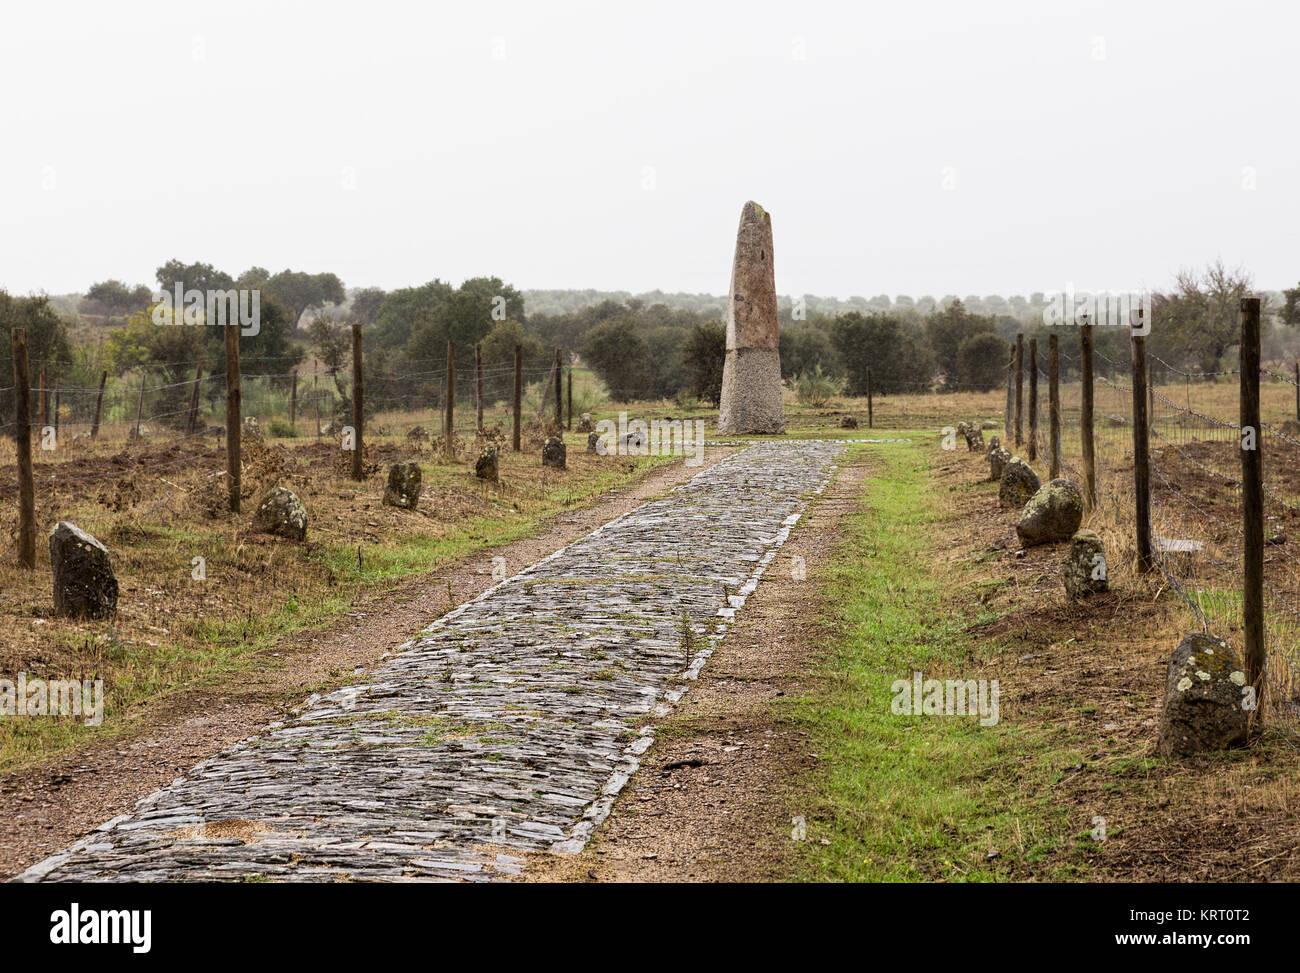 Megalithic monument. The Menhir of Belhoa (Menhir de Belhoa) is single standing stone near Monsaraz in Portugal - Stock Image